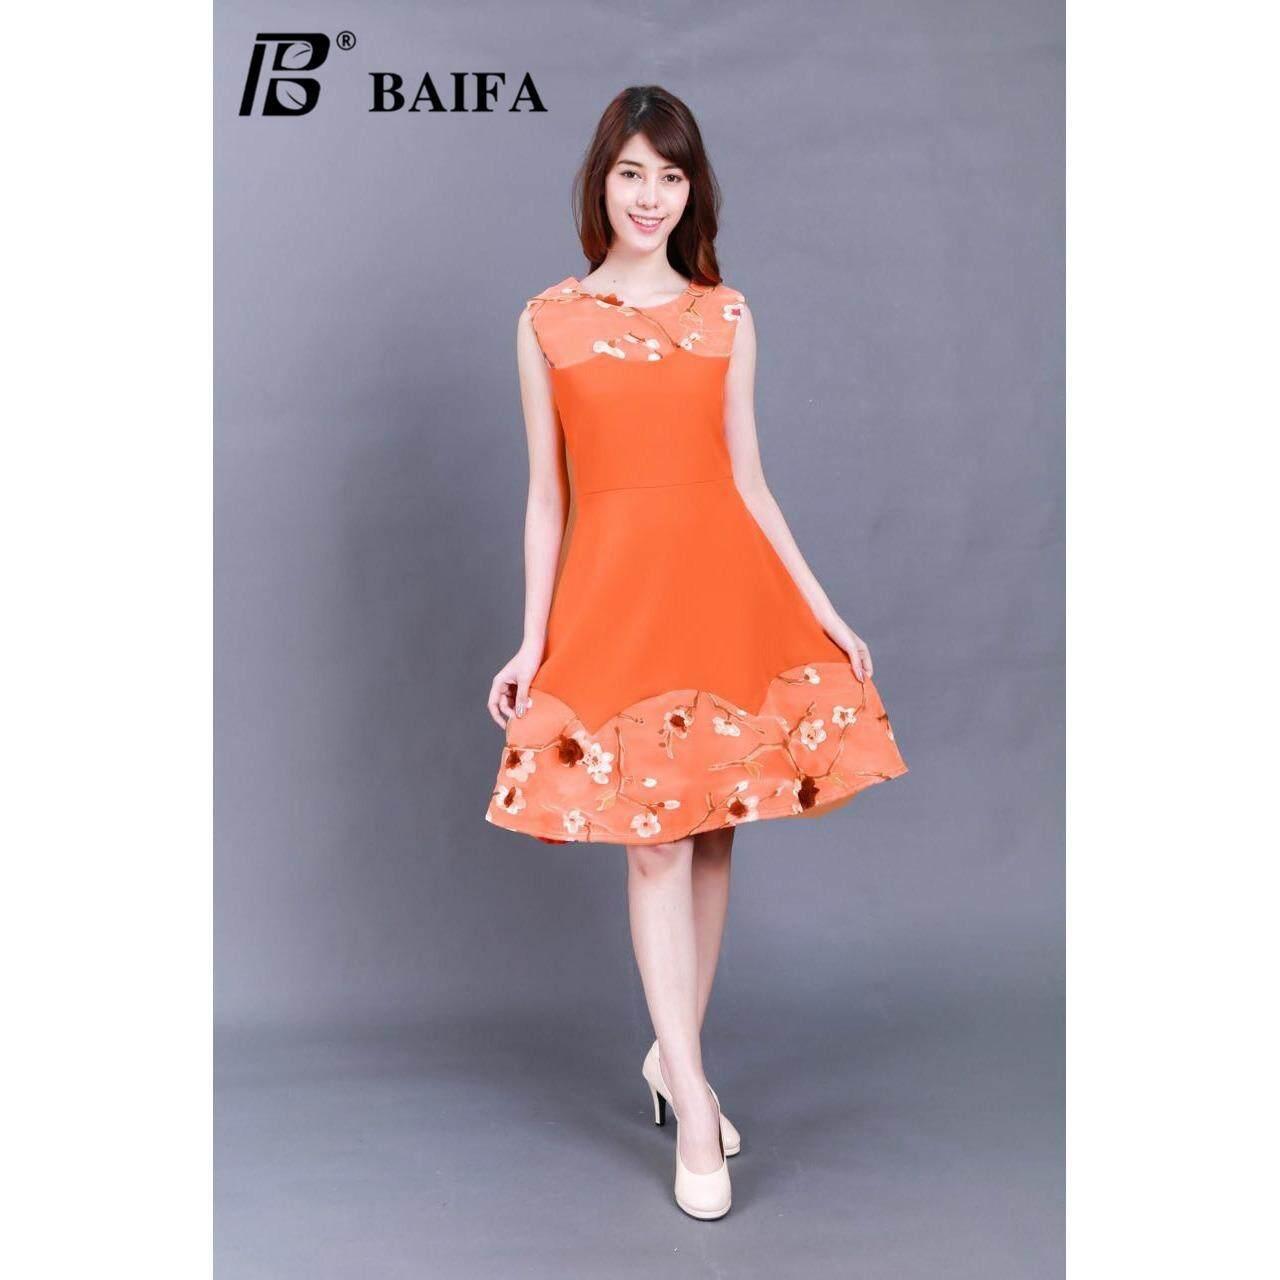 ราคา Baifa Shop ชุดเดรสดำเอวระบาย ลูกไม้ผ้าเนื้อดี ไม่ต้องรีด ทรงสวยหรู รุ่น3605 ใน กรุงเทพมหานคร